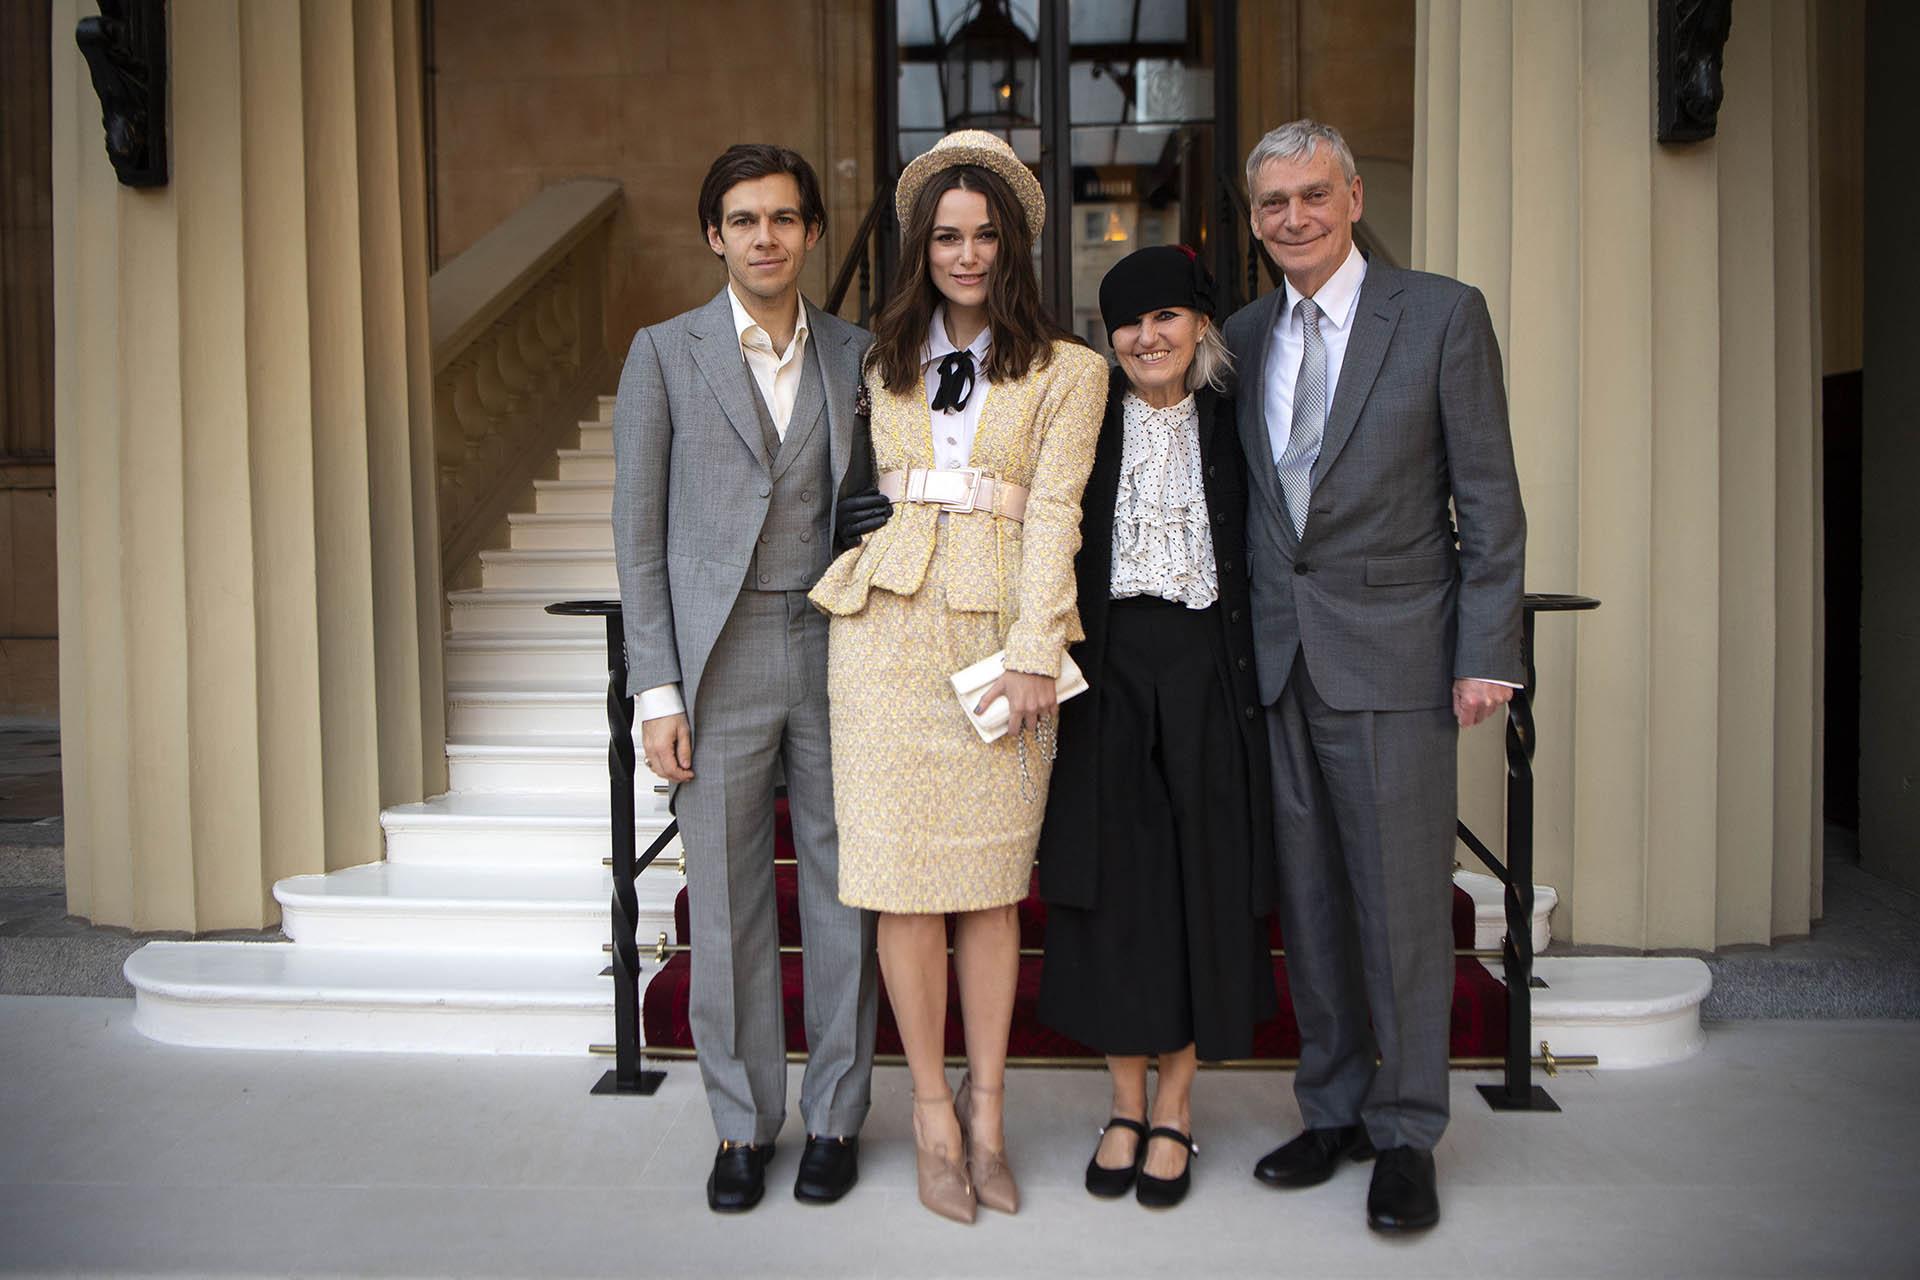 Keira Knightley asistió acompañada por su familia: su marido James Righton y sus padres Sharman y Kevin Knightley